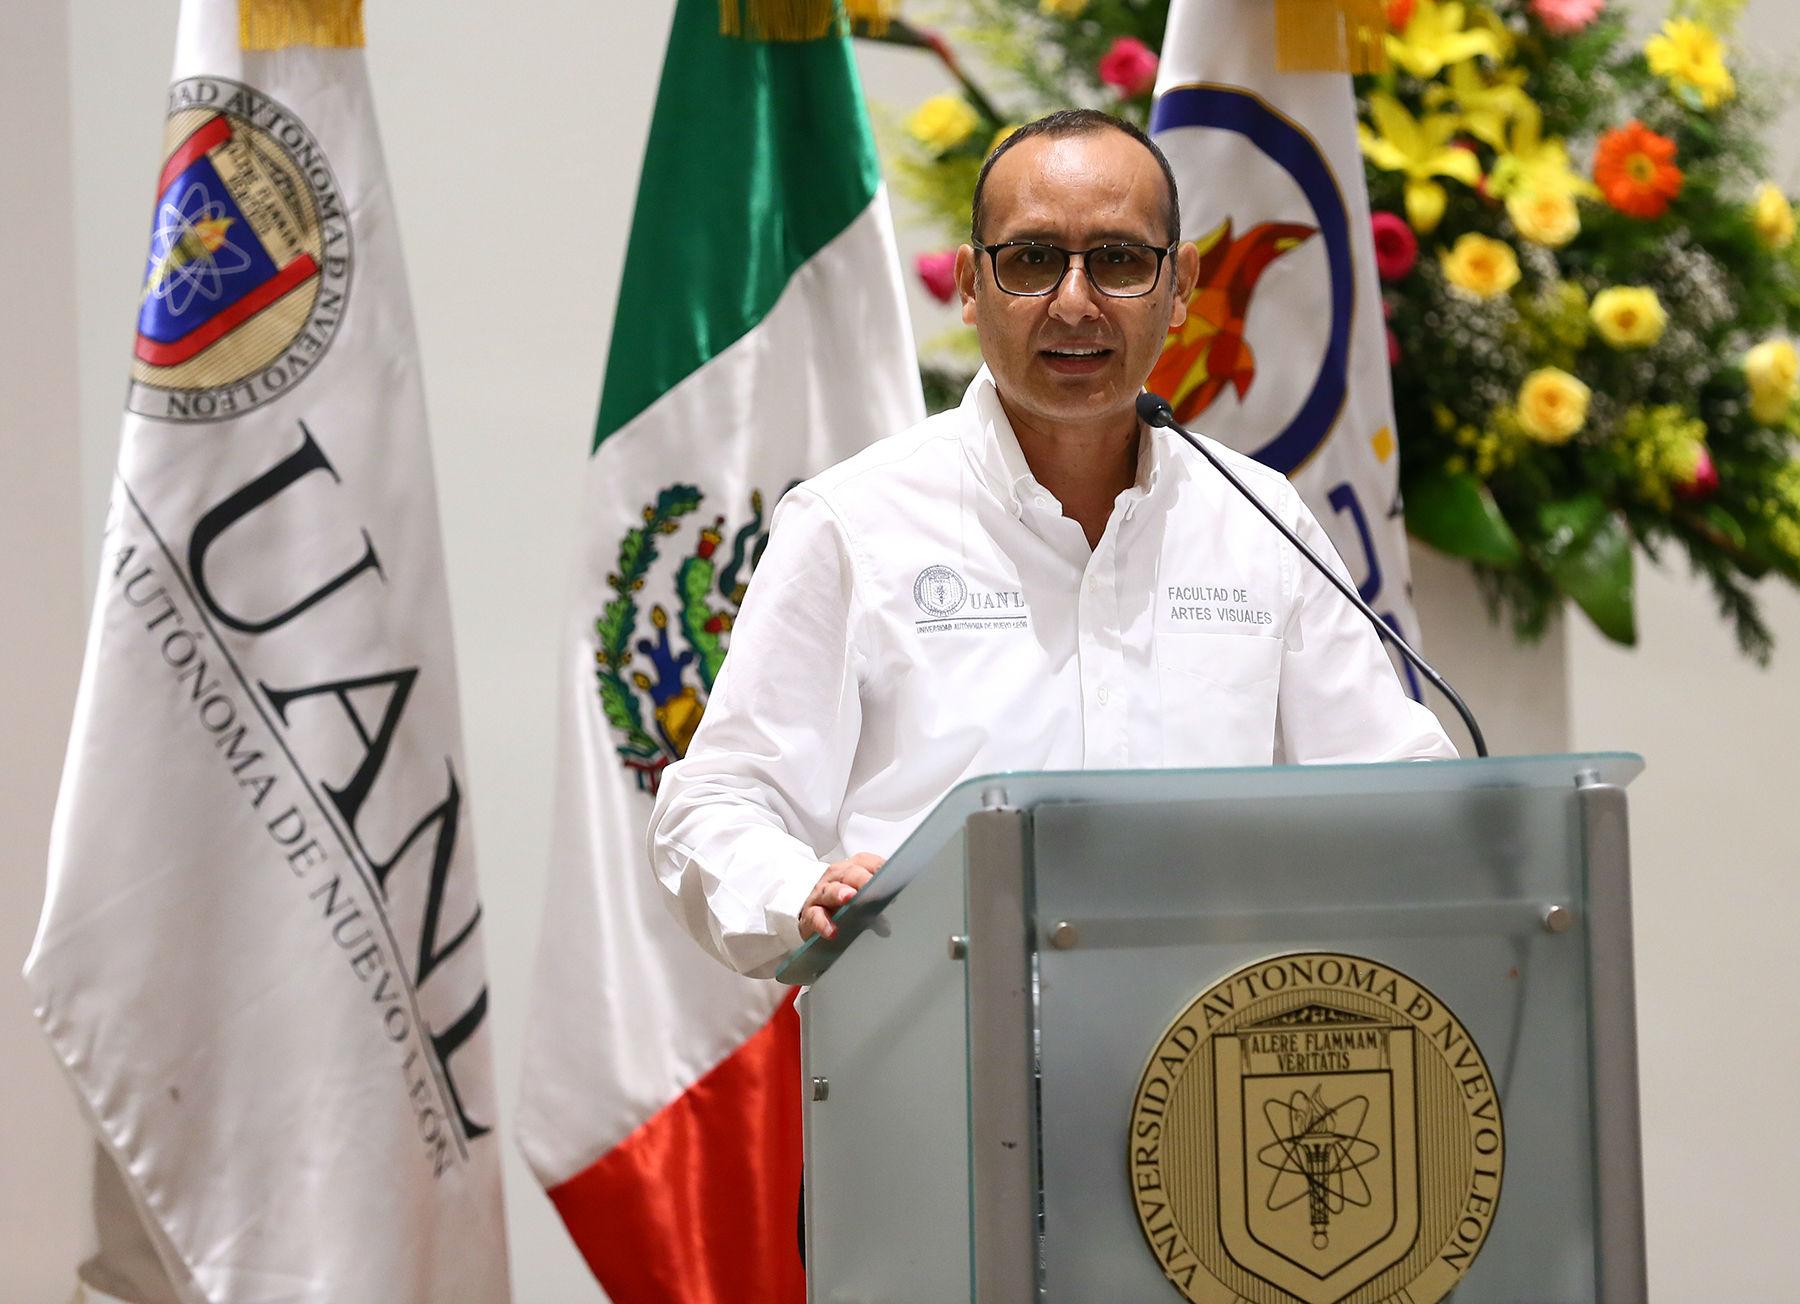 Juan Francisco García Hernández, Director de la Facultad de Artes Visuales